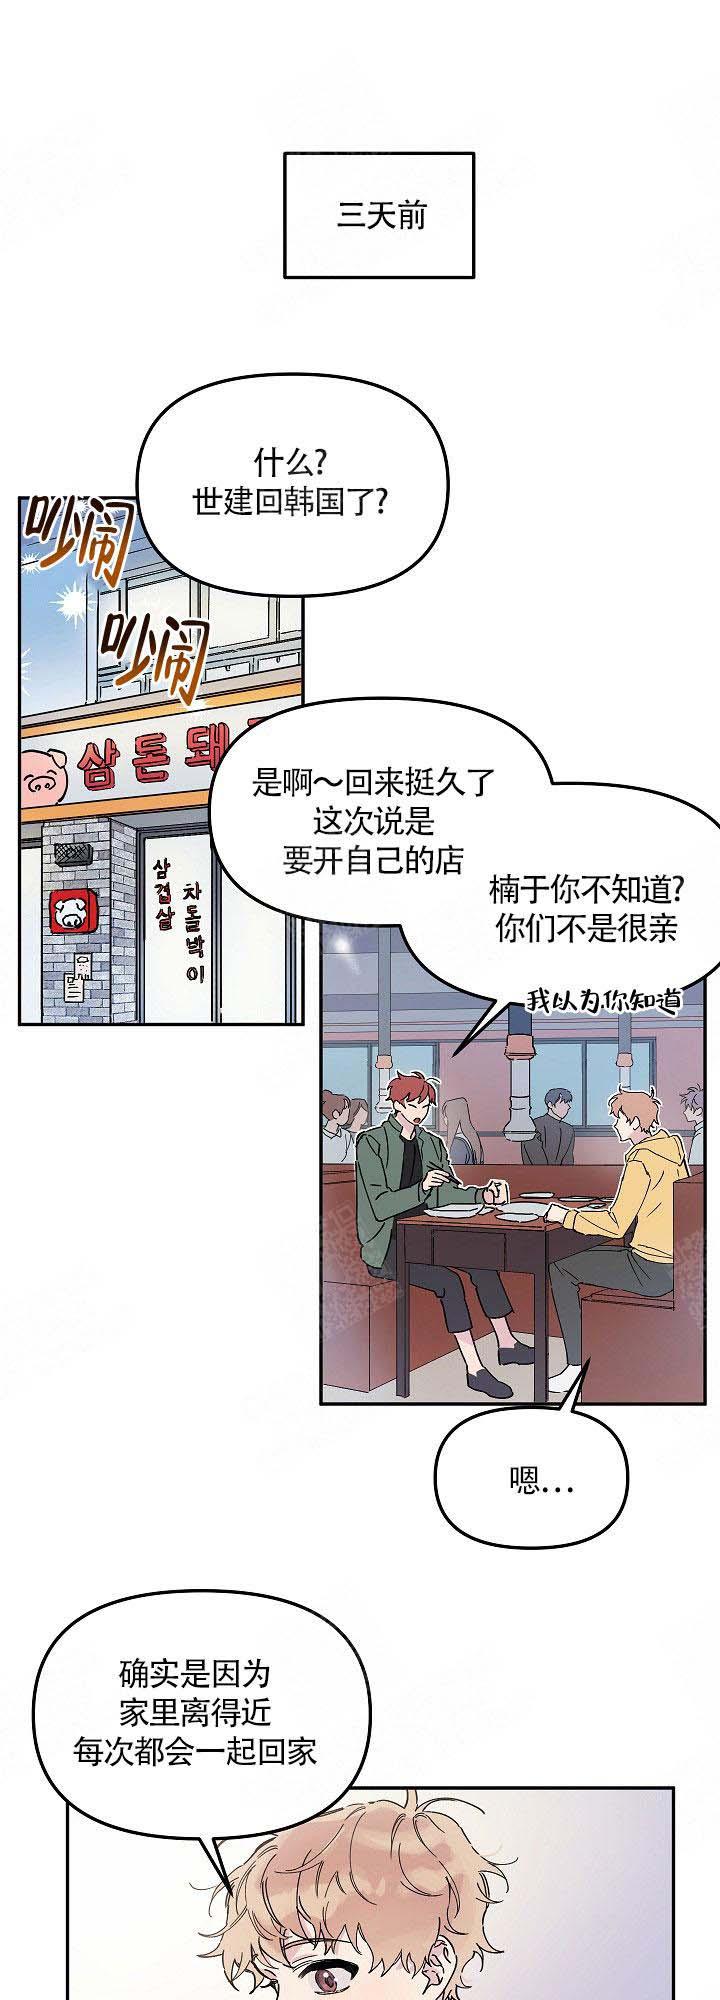 美味面包店的打工生-漫画完整版在线阅读纯爱连载-啵乐漫画